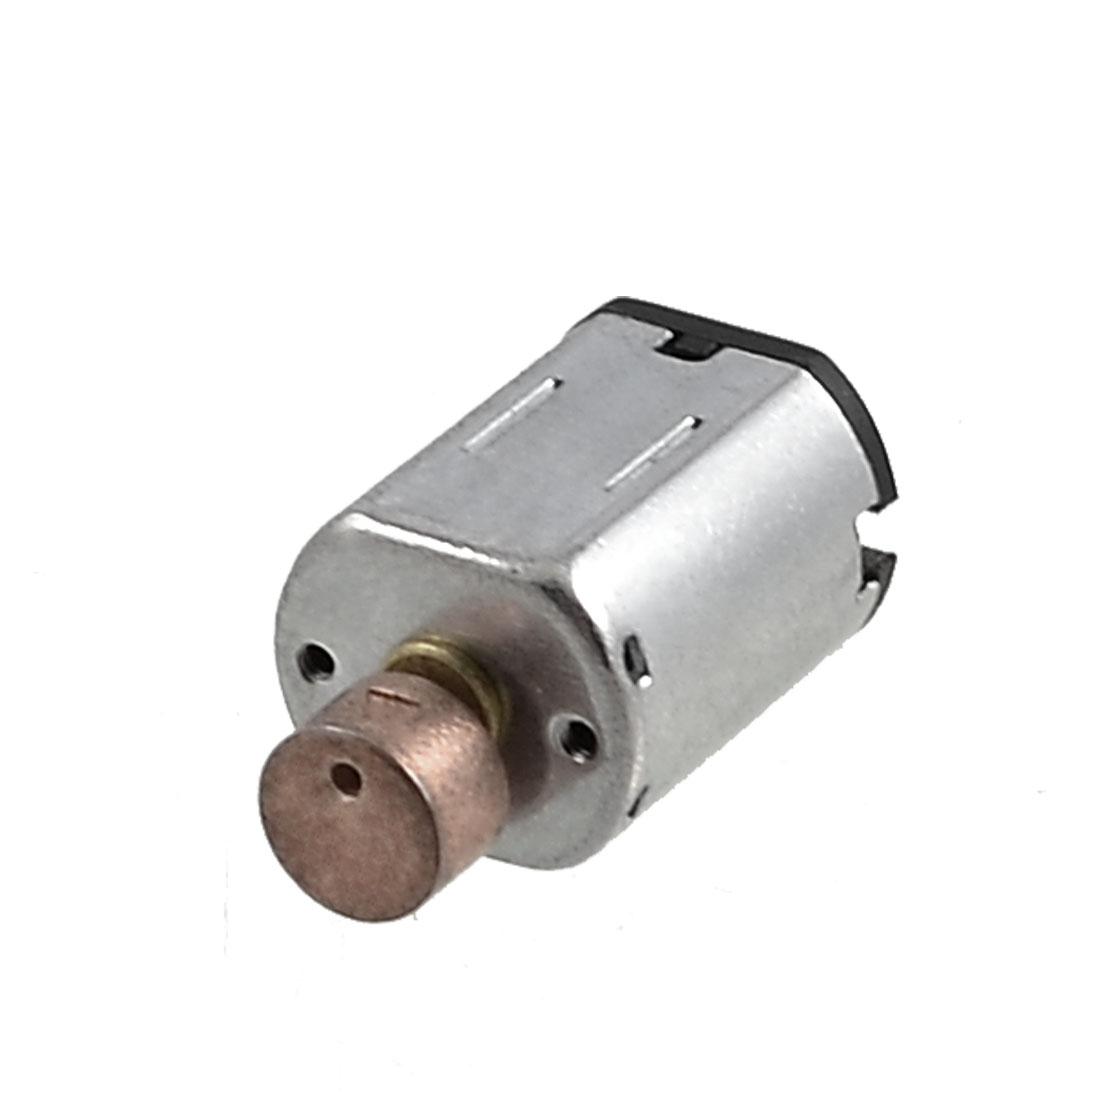 Toys Moulding N20 4.5V 13000RPM 0.34A DC Mini Vibration Motor